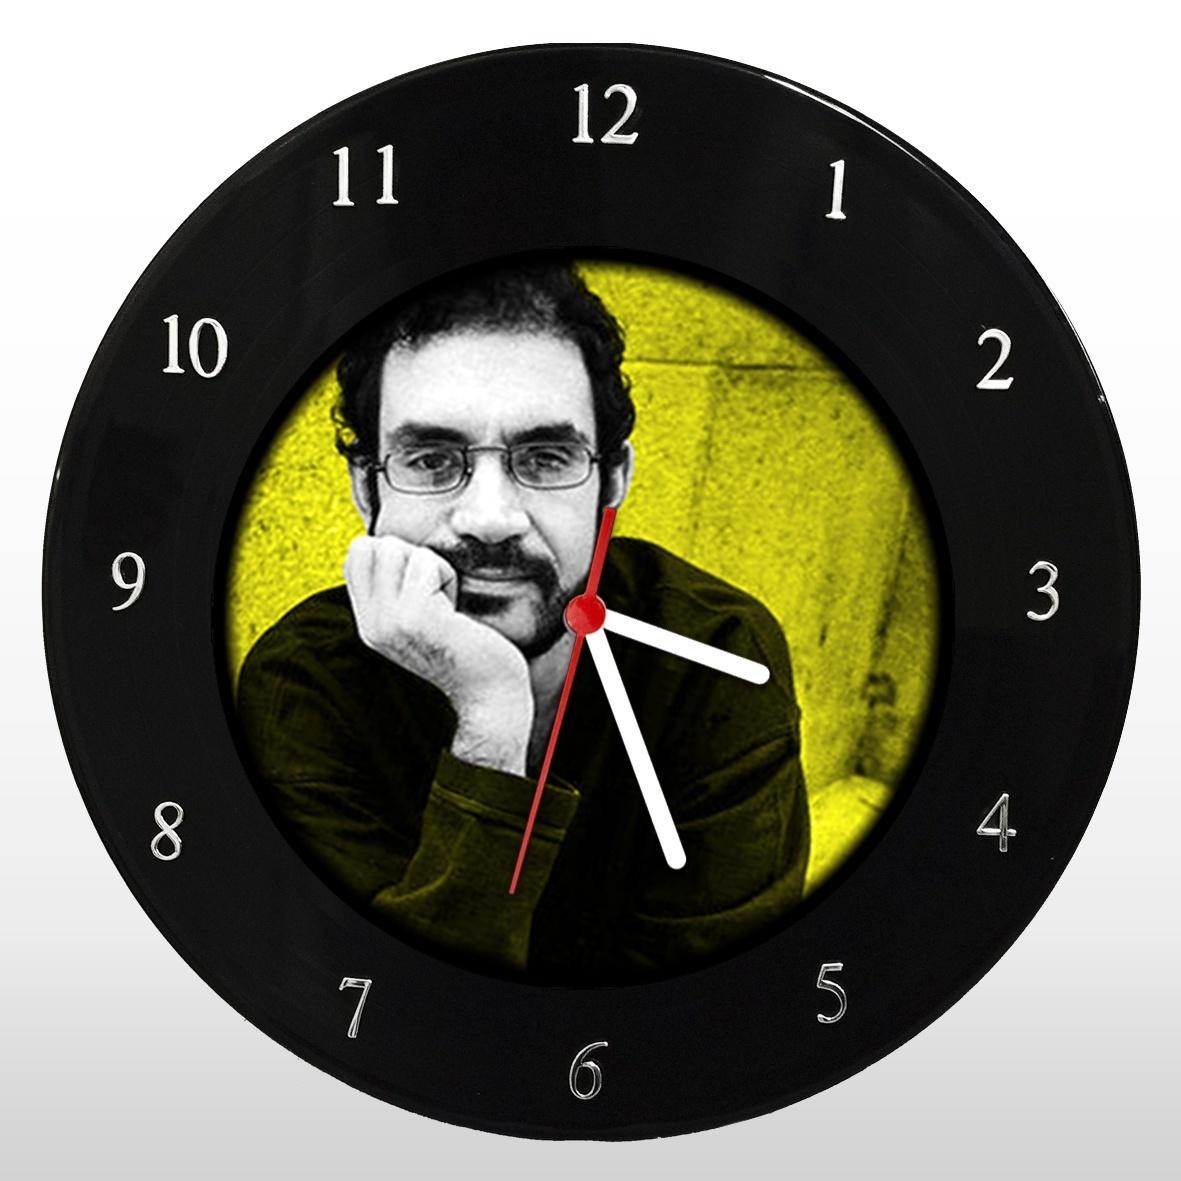 Legião Urbana - Renato Russo - Relógio de Parede em Disco de Vinil - Mr. Rock